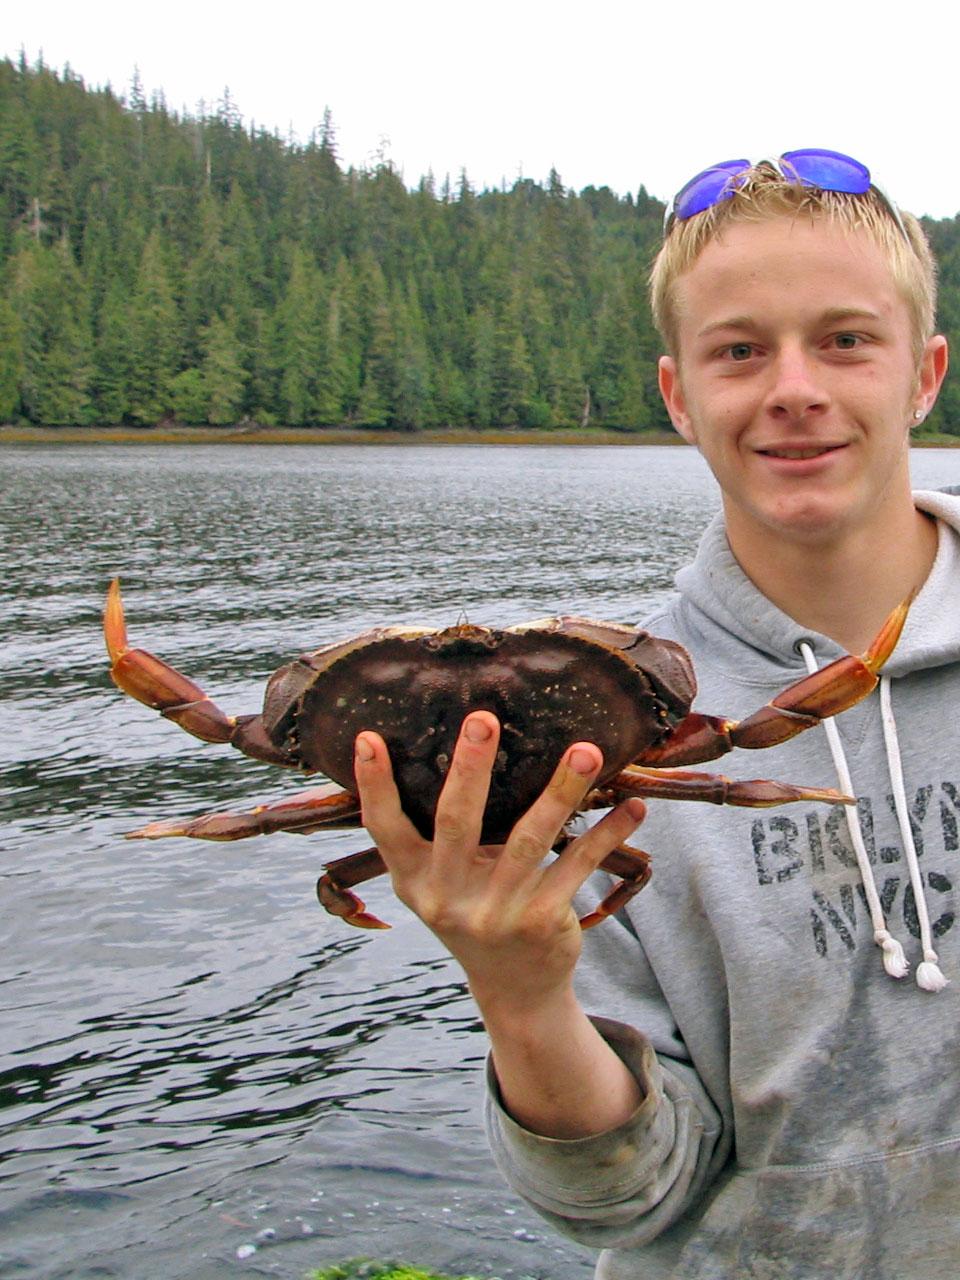 Crabbing at Alaskan Escape